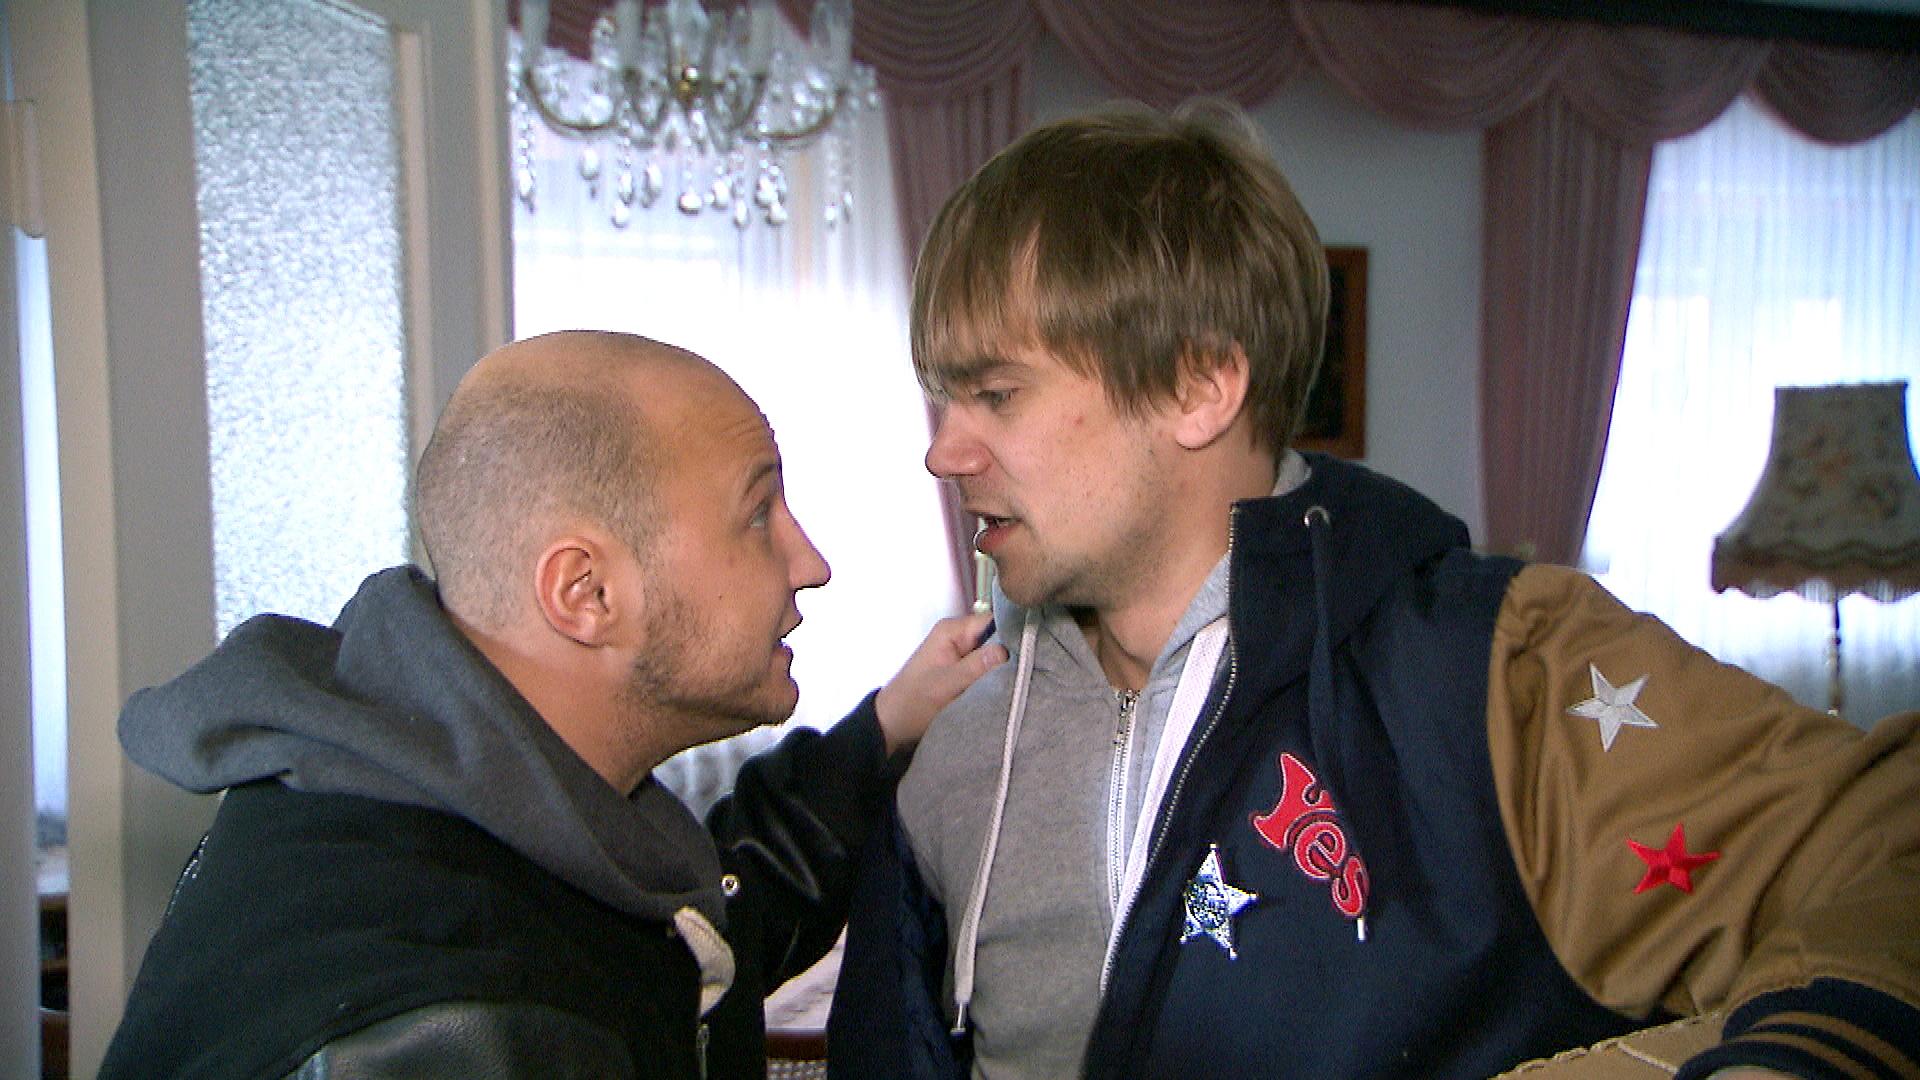 Krätze,li, Schmidti,re. Schmidti hat seit dem Wochenende mit fiesen Hämorrhoiden zu kämpfen. Doch aus Scham scheut er einen Arztbesuch. (Quelle: RTL 2)